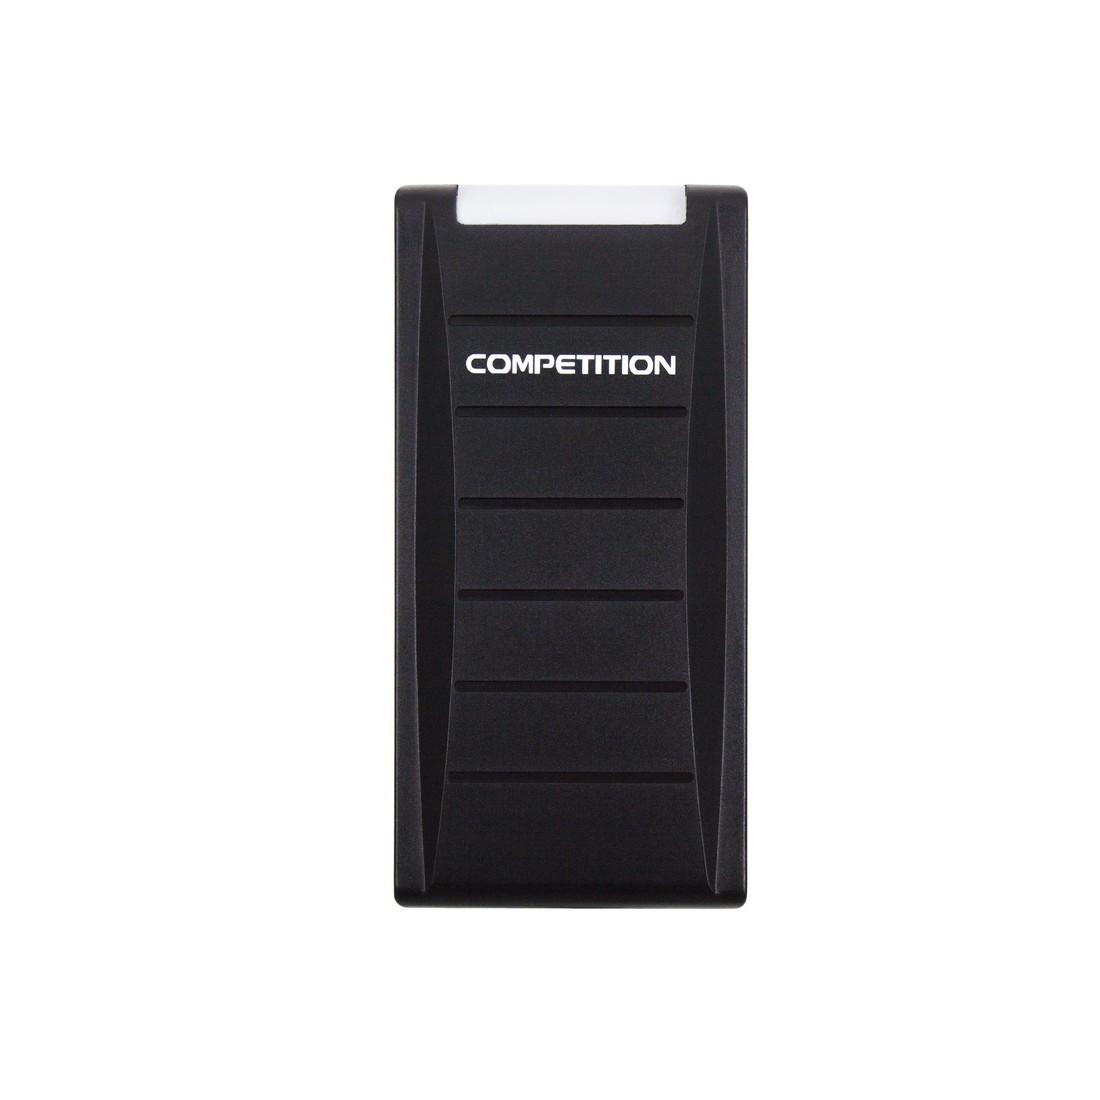 Считыватель-контроллер бесконтактных карт Competition DH16A-16DT